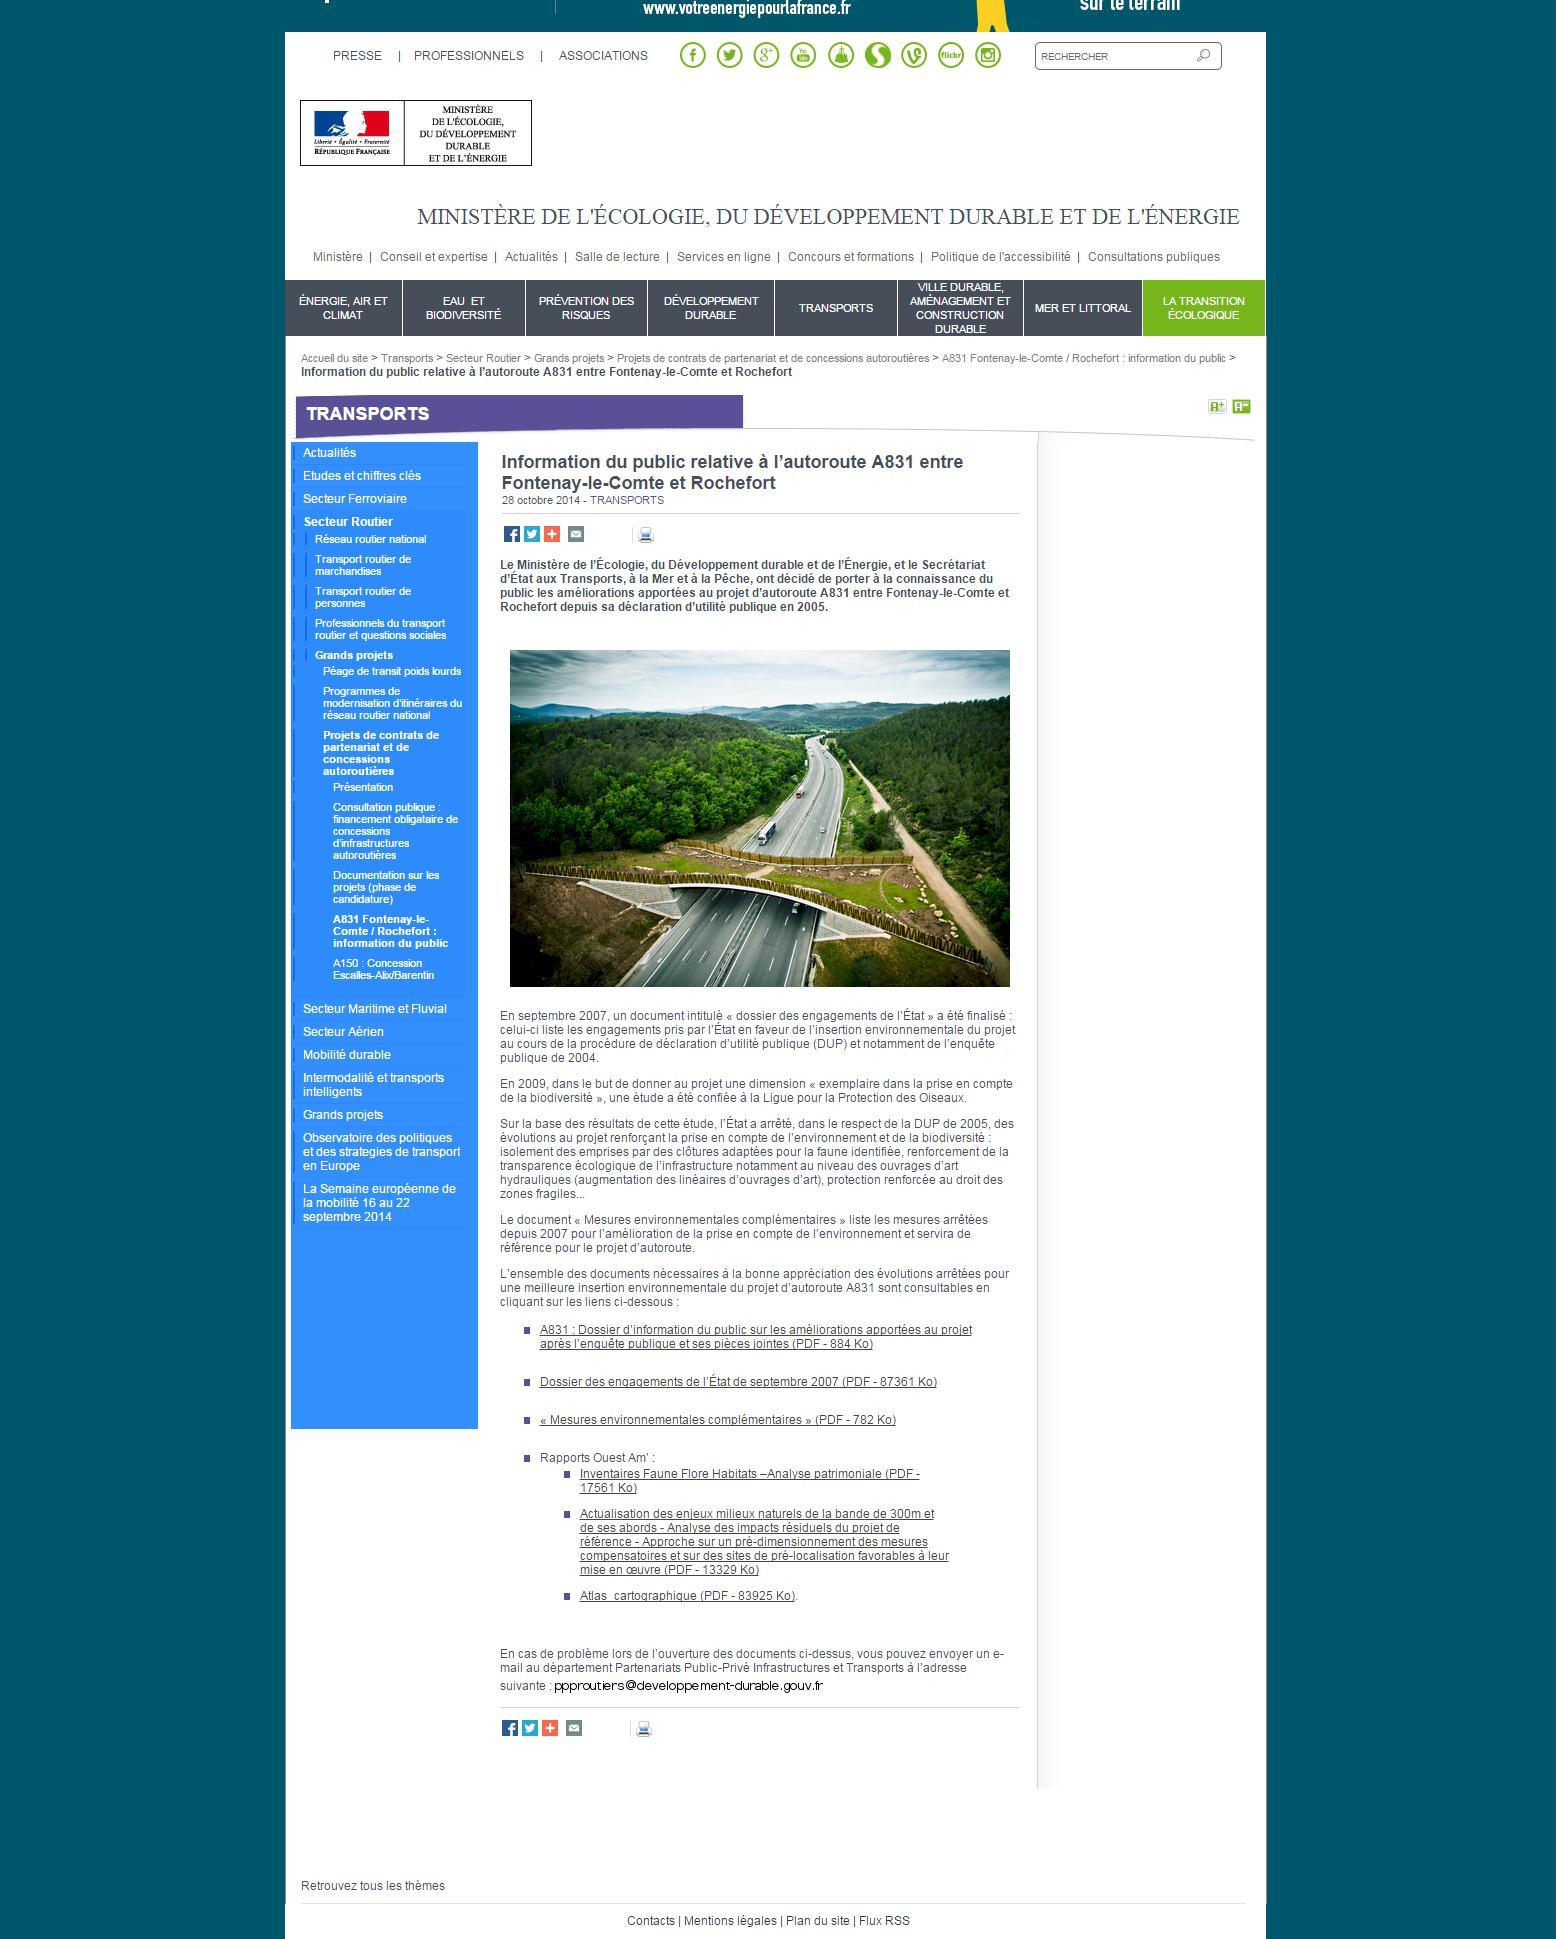 Information du public relative à l'autoroute A831 entre Fontenay-le-Comte et Rochefort